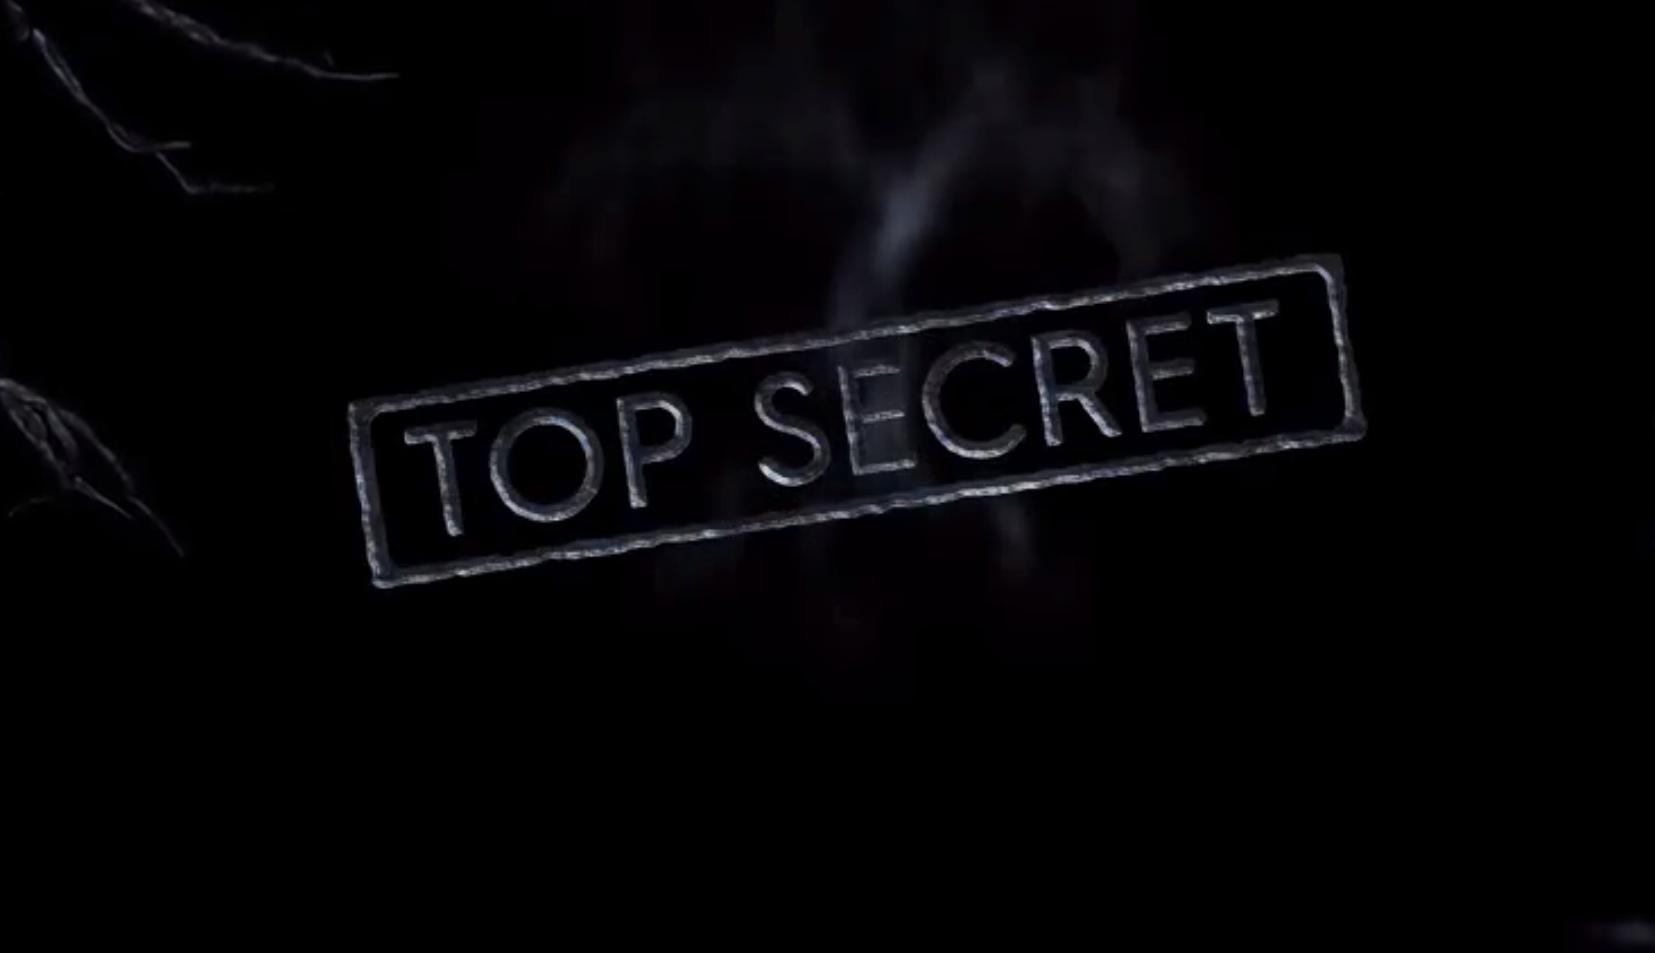 Анонсированы названия эпизодов второго сезона «Ведьмака», а следовательно и рассказы, какие они будут адаптировать